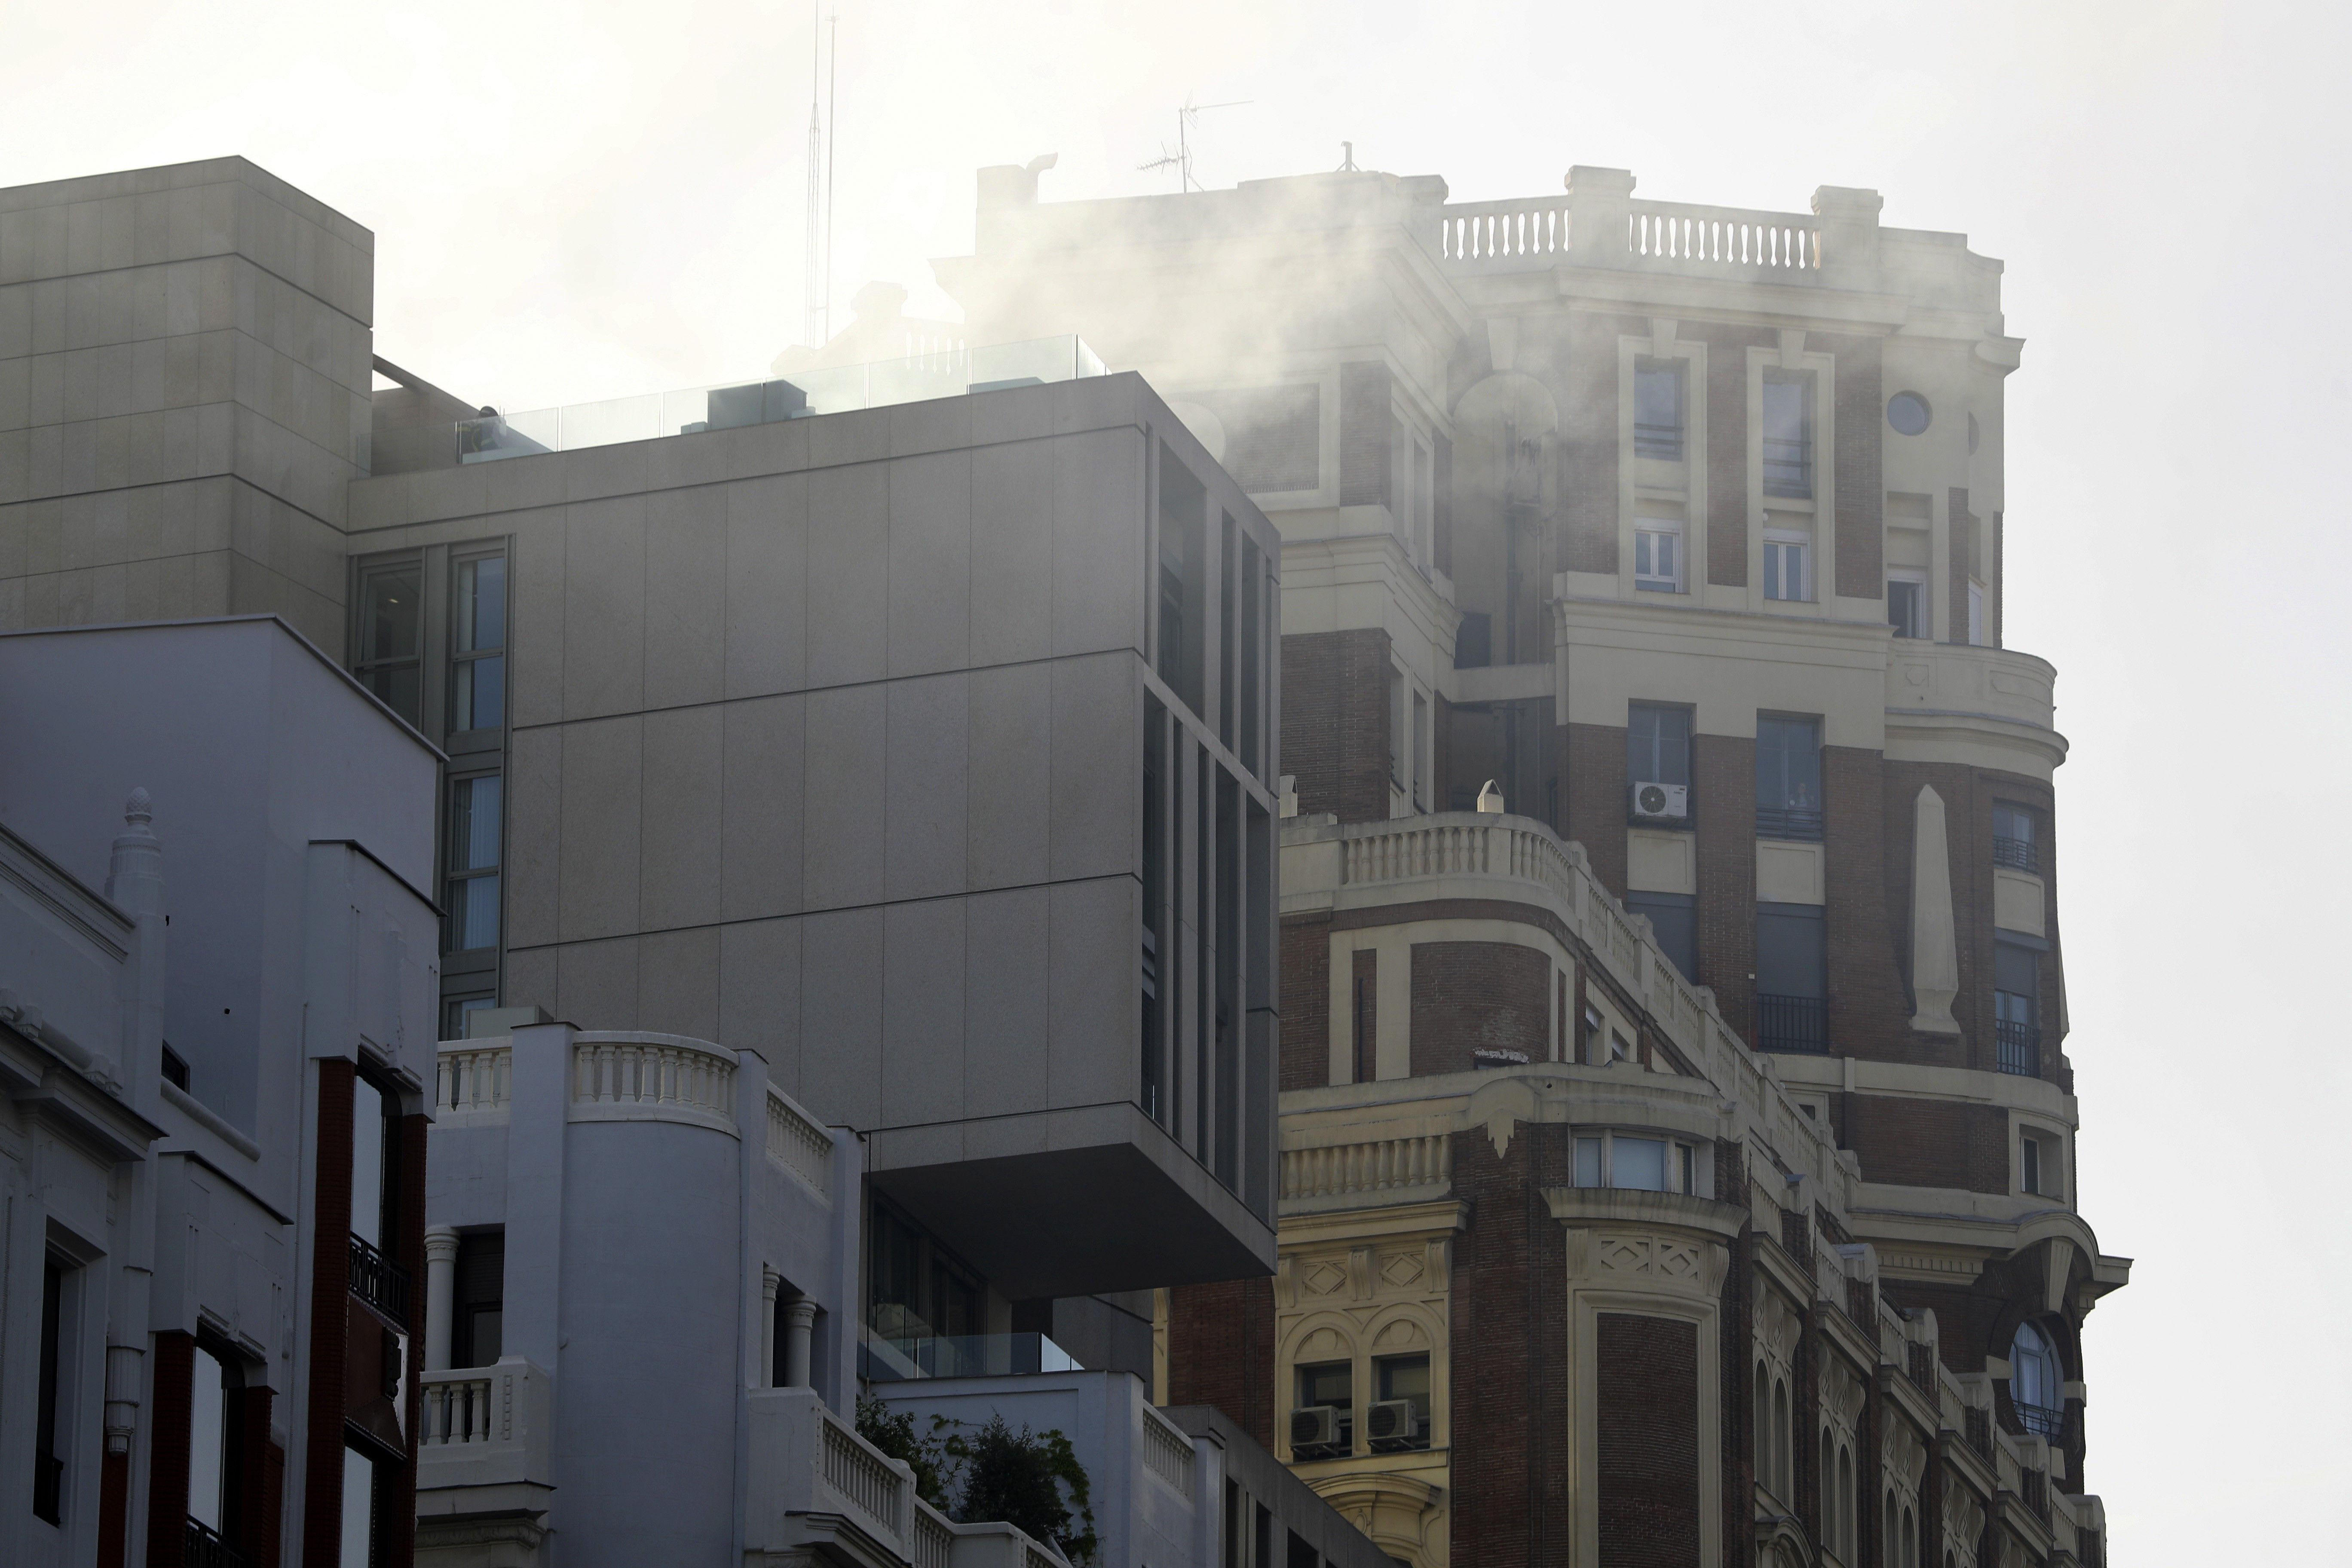 Incendi en un edifici de vivendes a la Gran Vía de Madrid